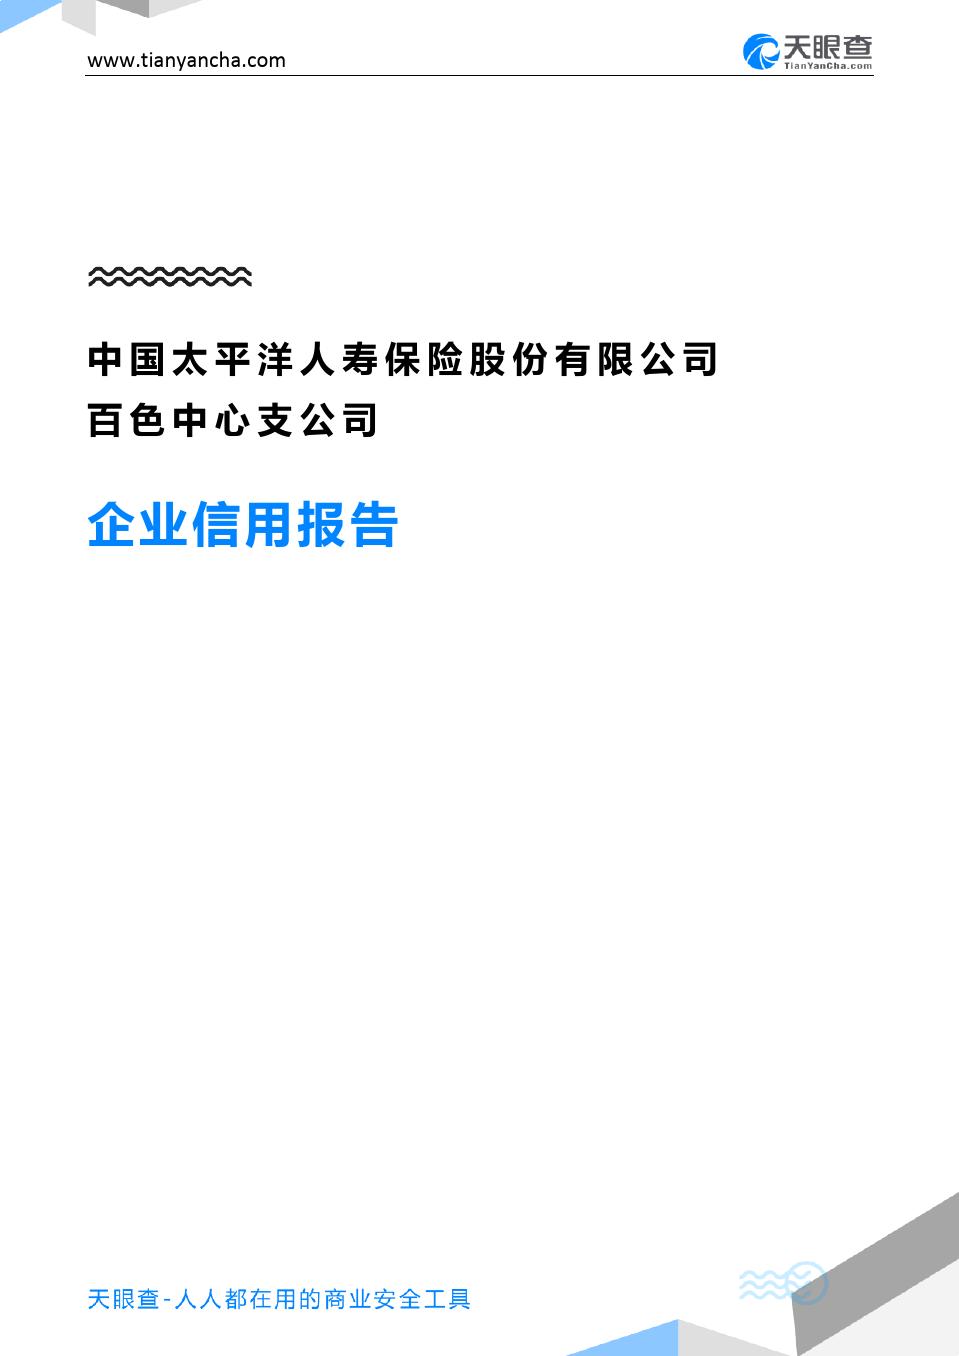 中国太平洋人寿保险股份有限公司百色中心支公司(企业信用报告)- 天眼查